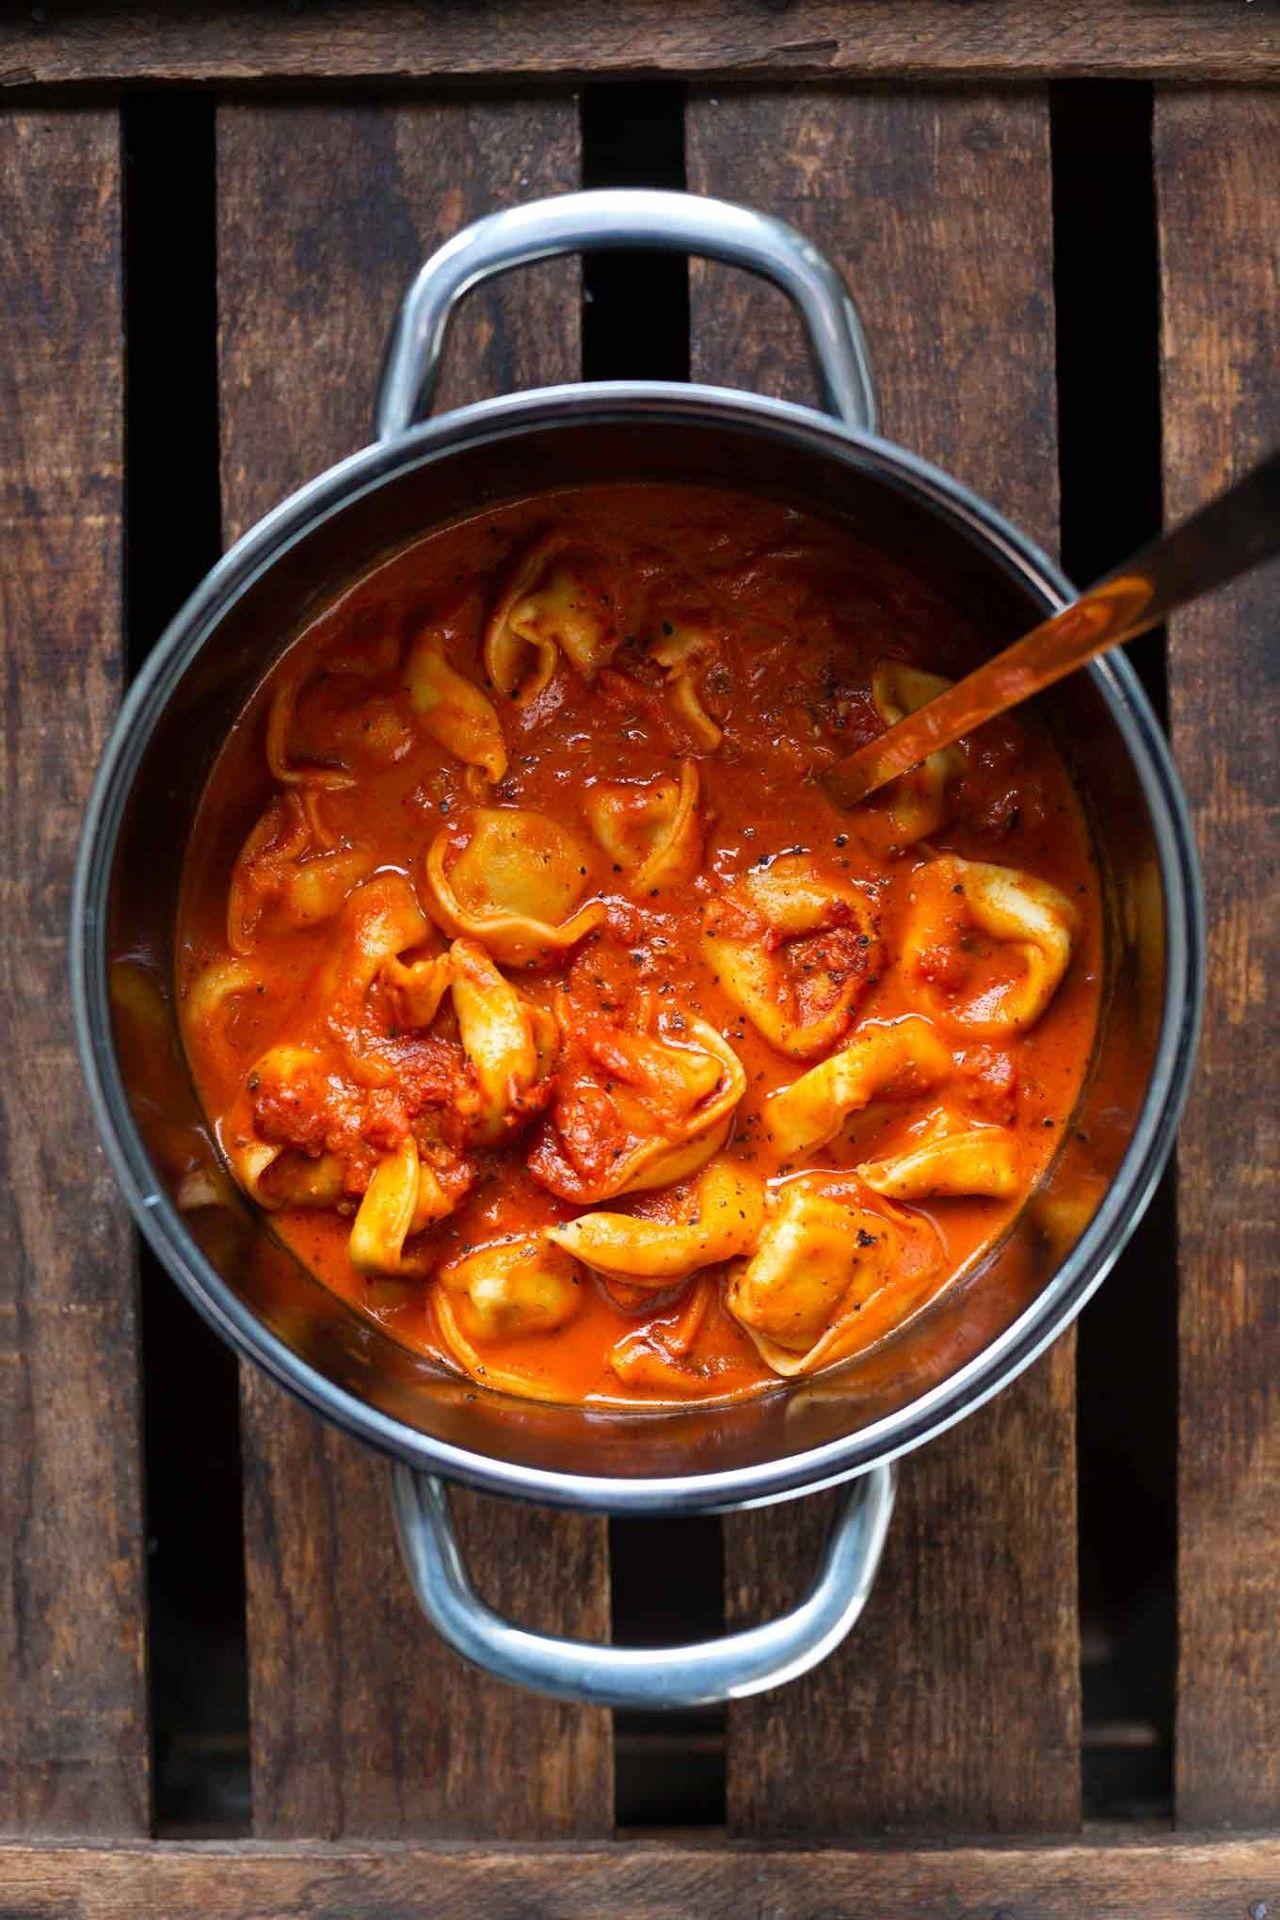 One Pot Tortellini mit Tomaten-Sahne-Sauce #vegetarischerezepteschnell